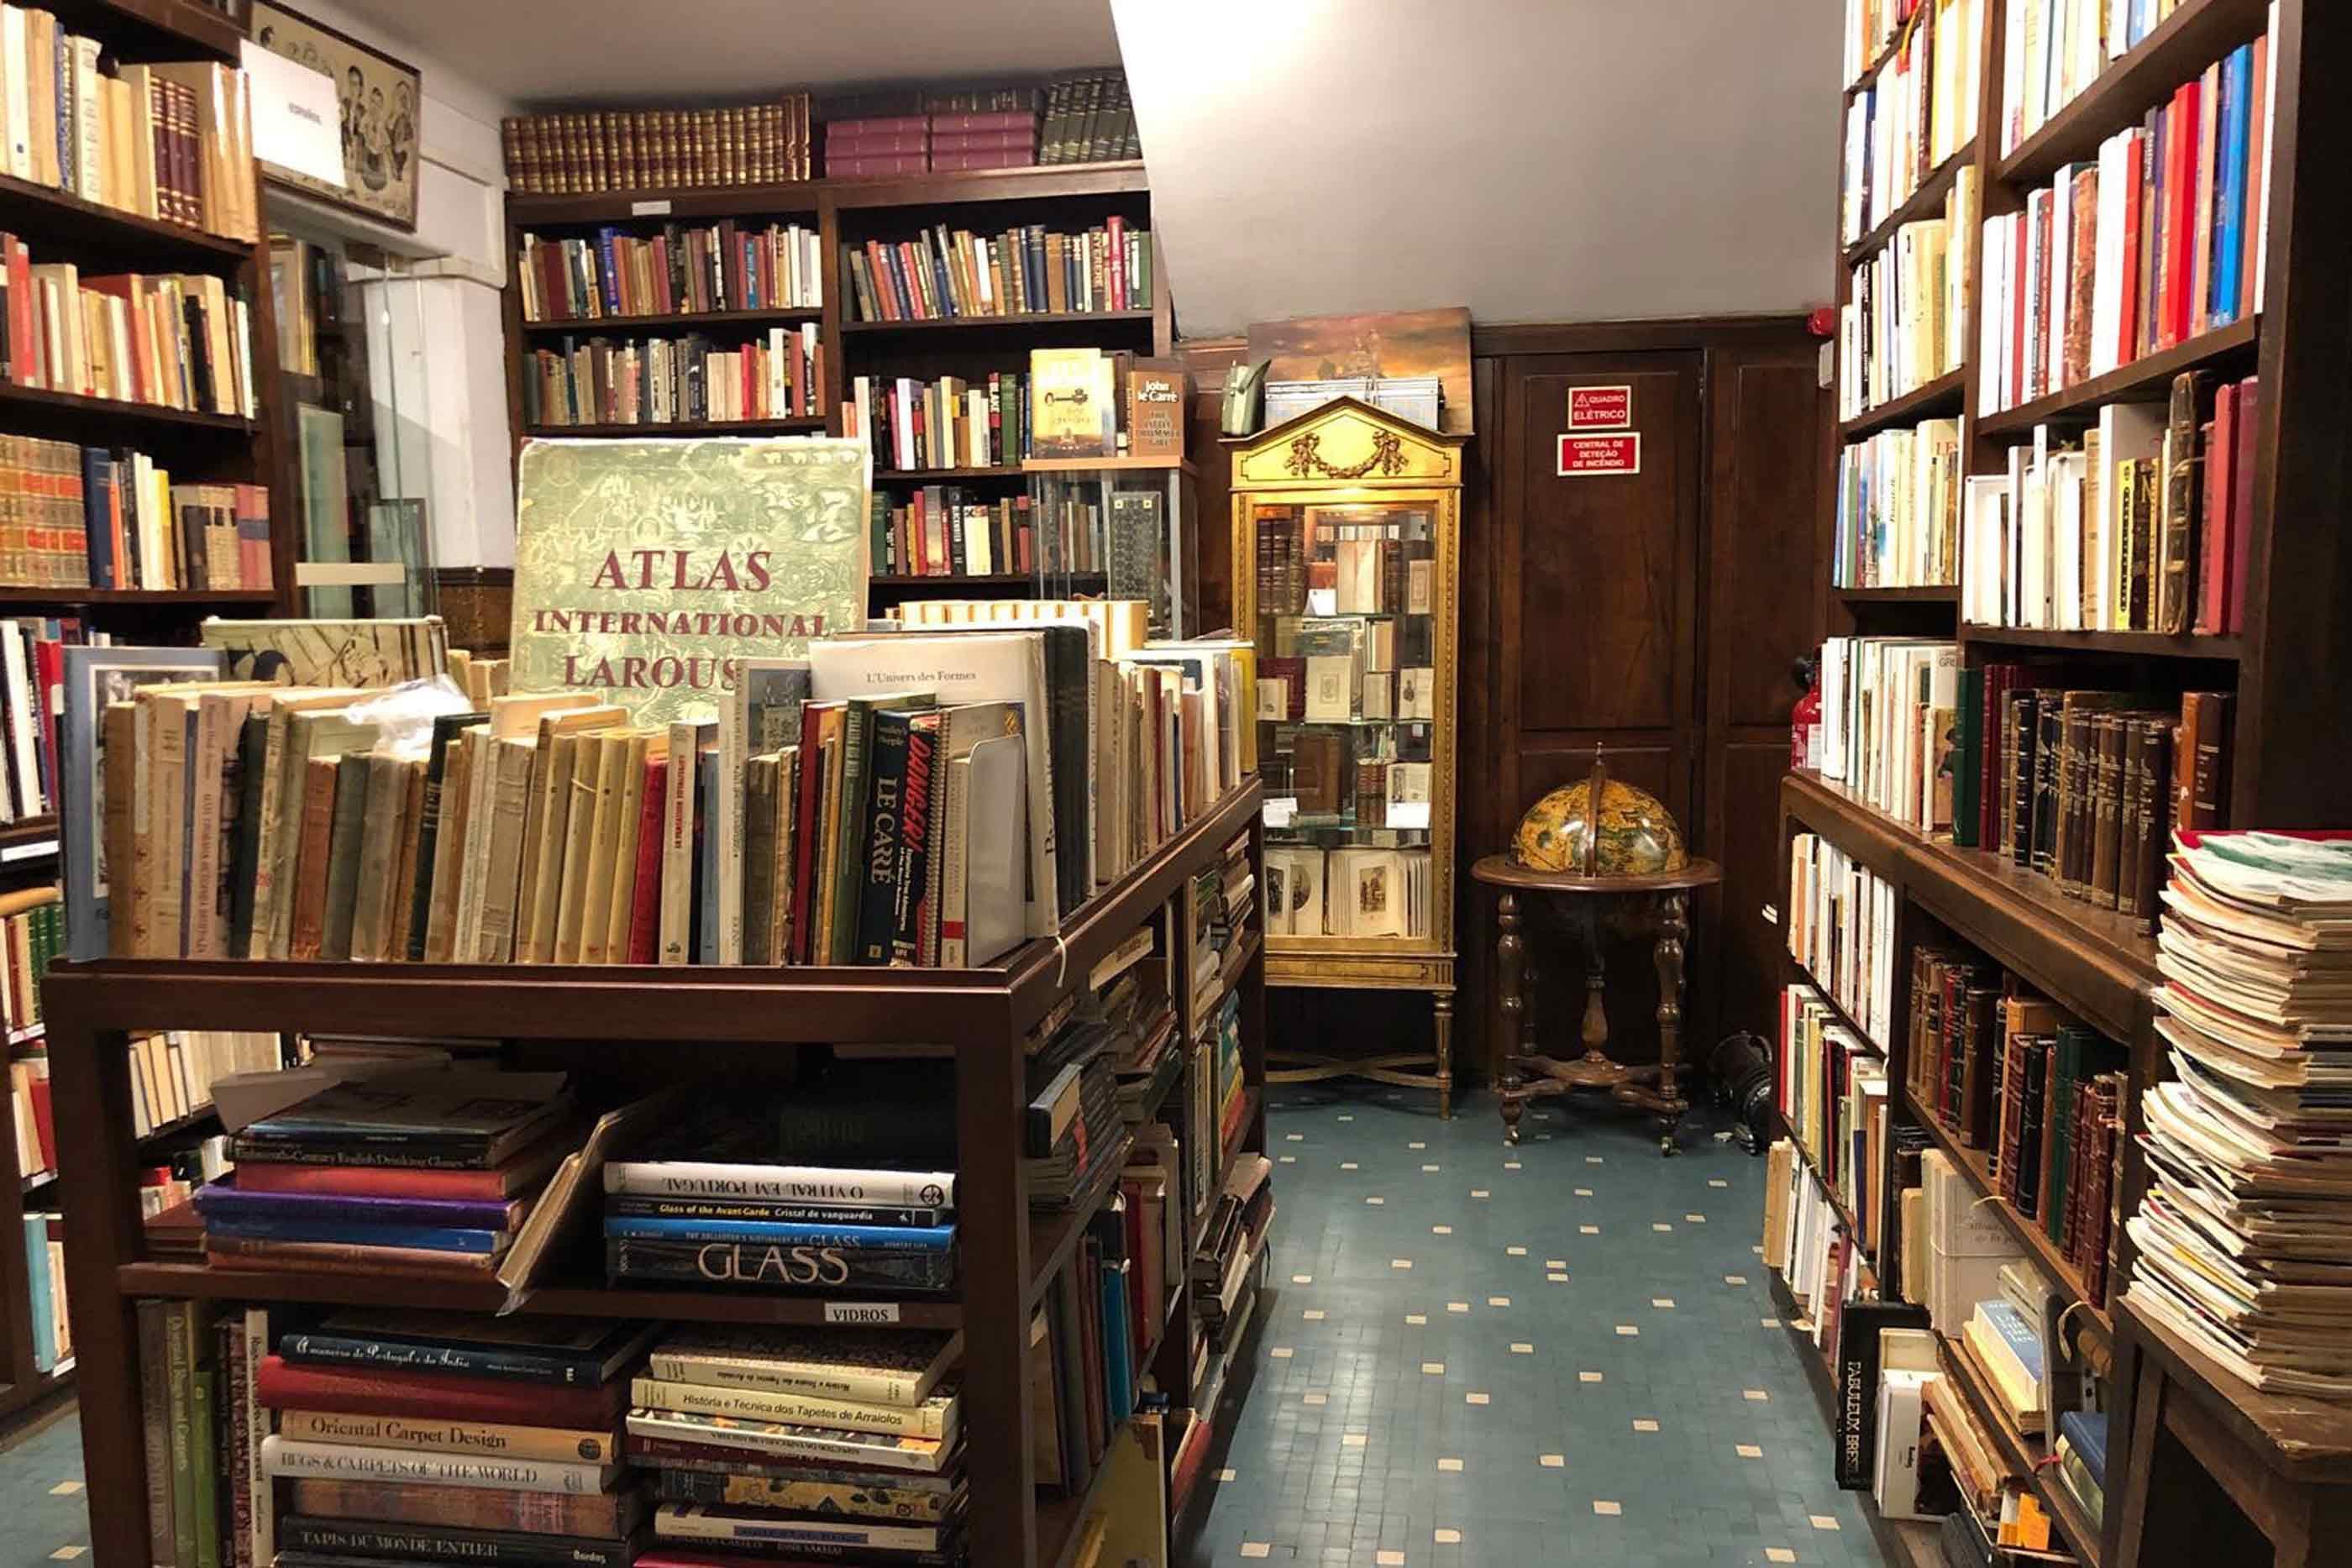 Uma mesa repleta de livros encontra-se do nosso lado esquerdo. Em frente, encontra-se uma vitrine dourada, com vários livros abertos e devidamente identificados. Ao seu lado, está um globo num suporte de madeira.